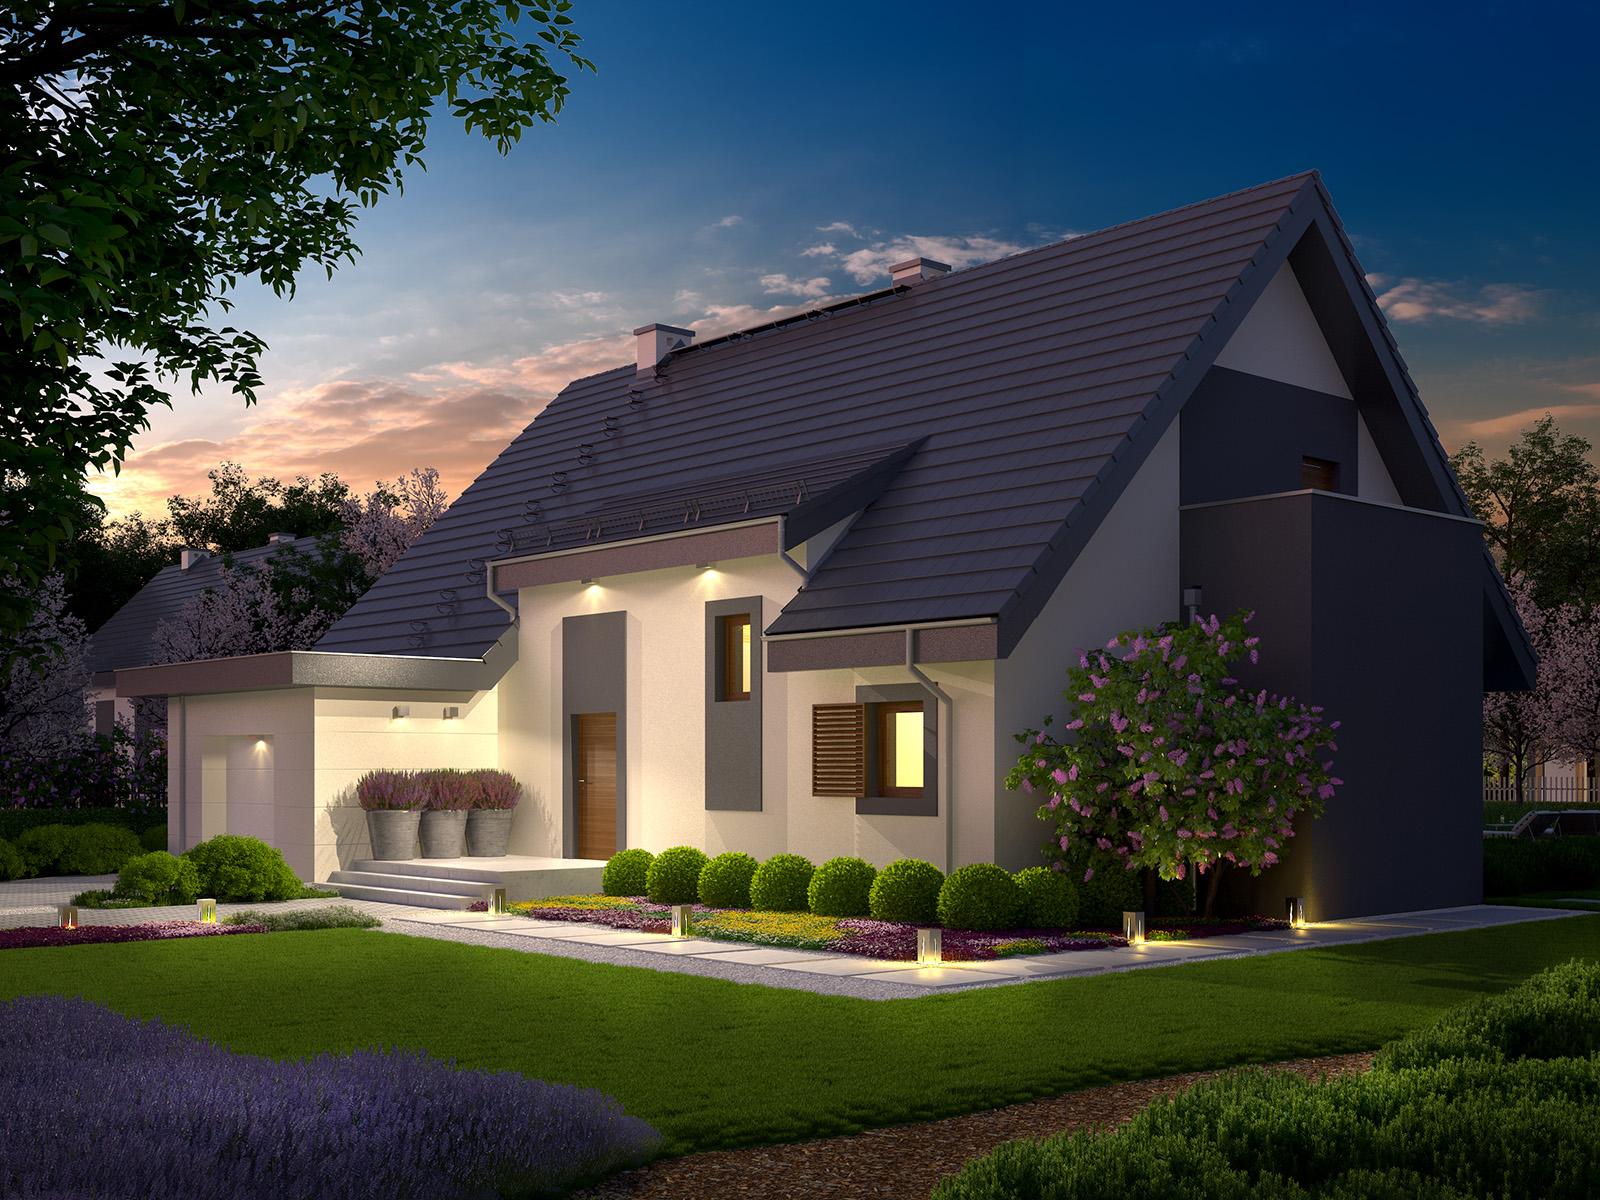 Projekt domu PANORAMA Domy Czystej Energii widok od frontu